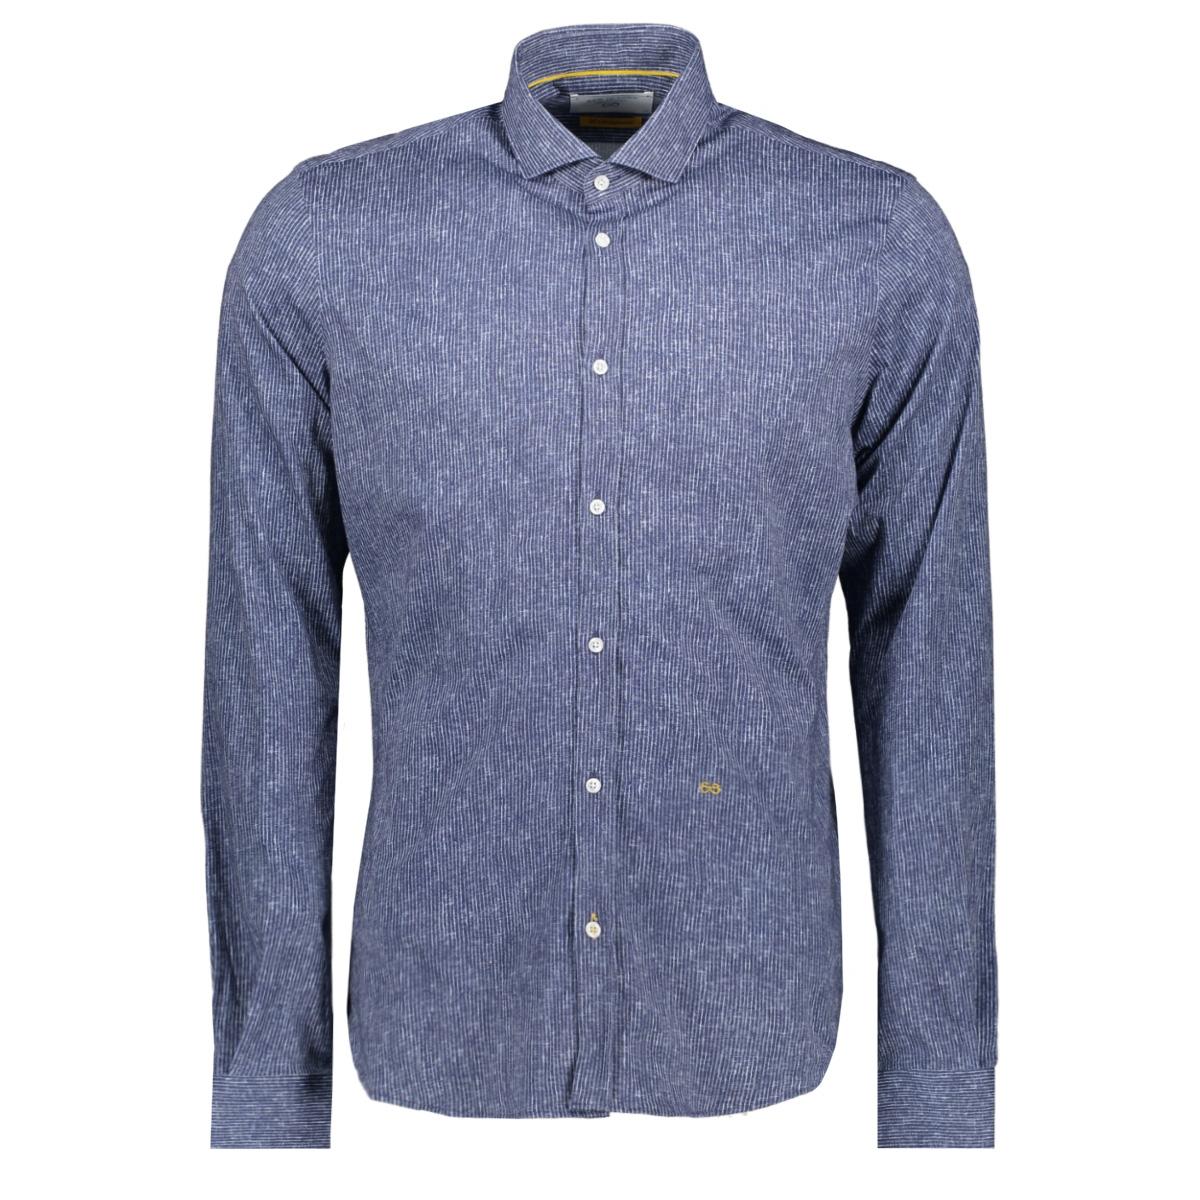 overhemd met allover print 8971326 new in town overhemd 479